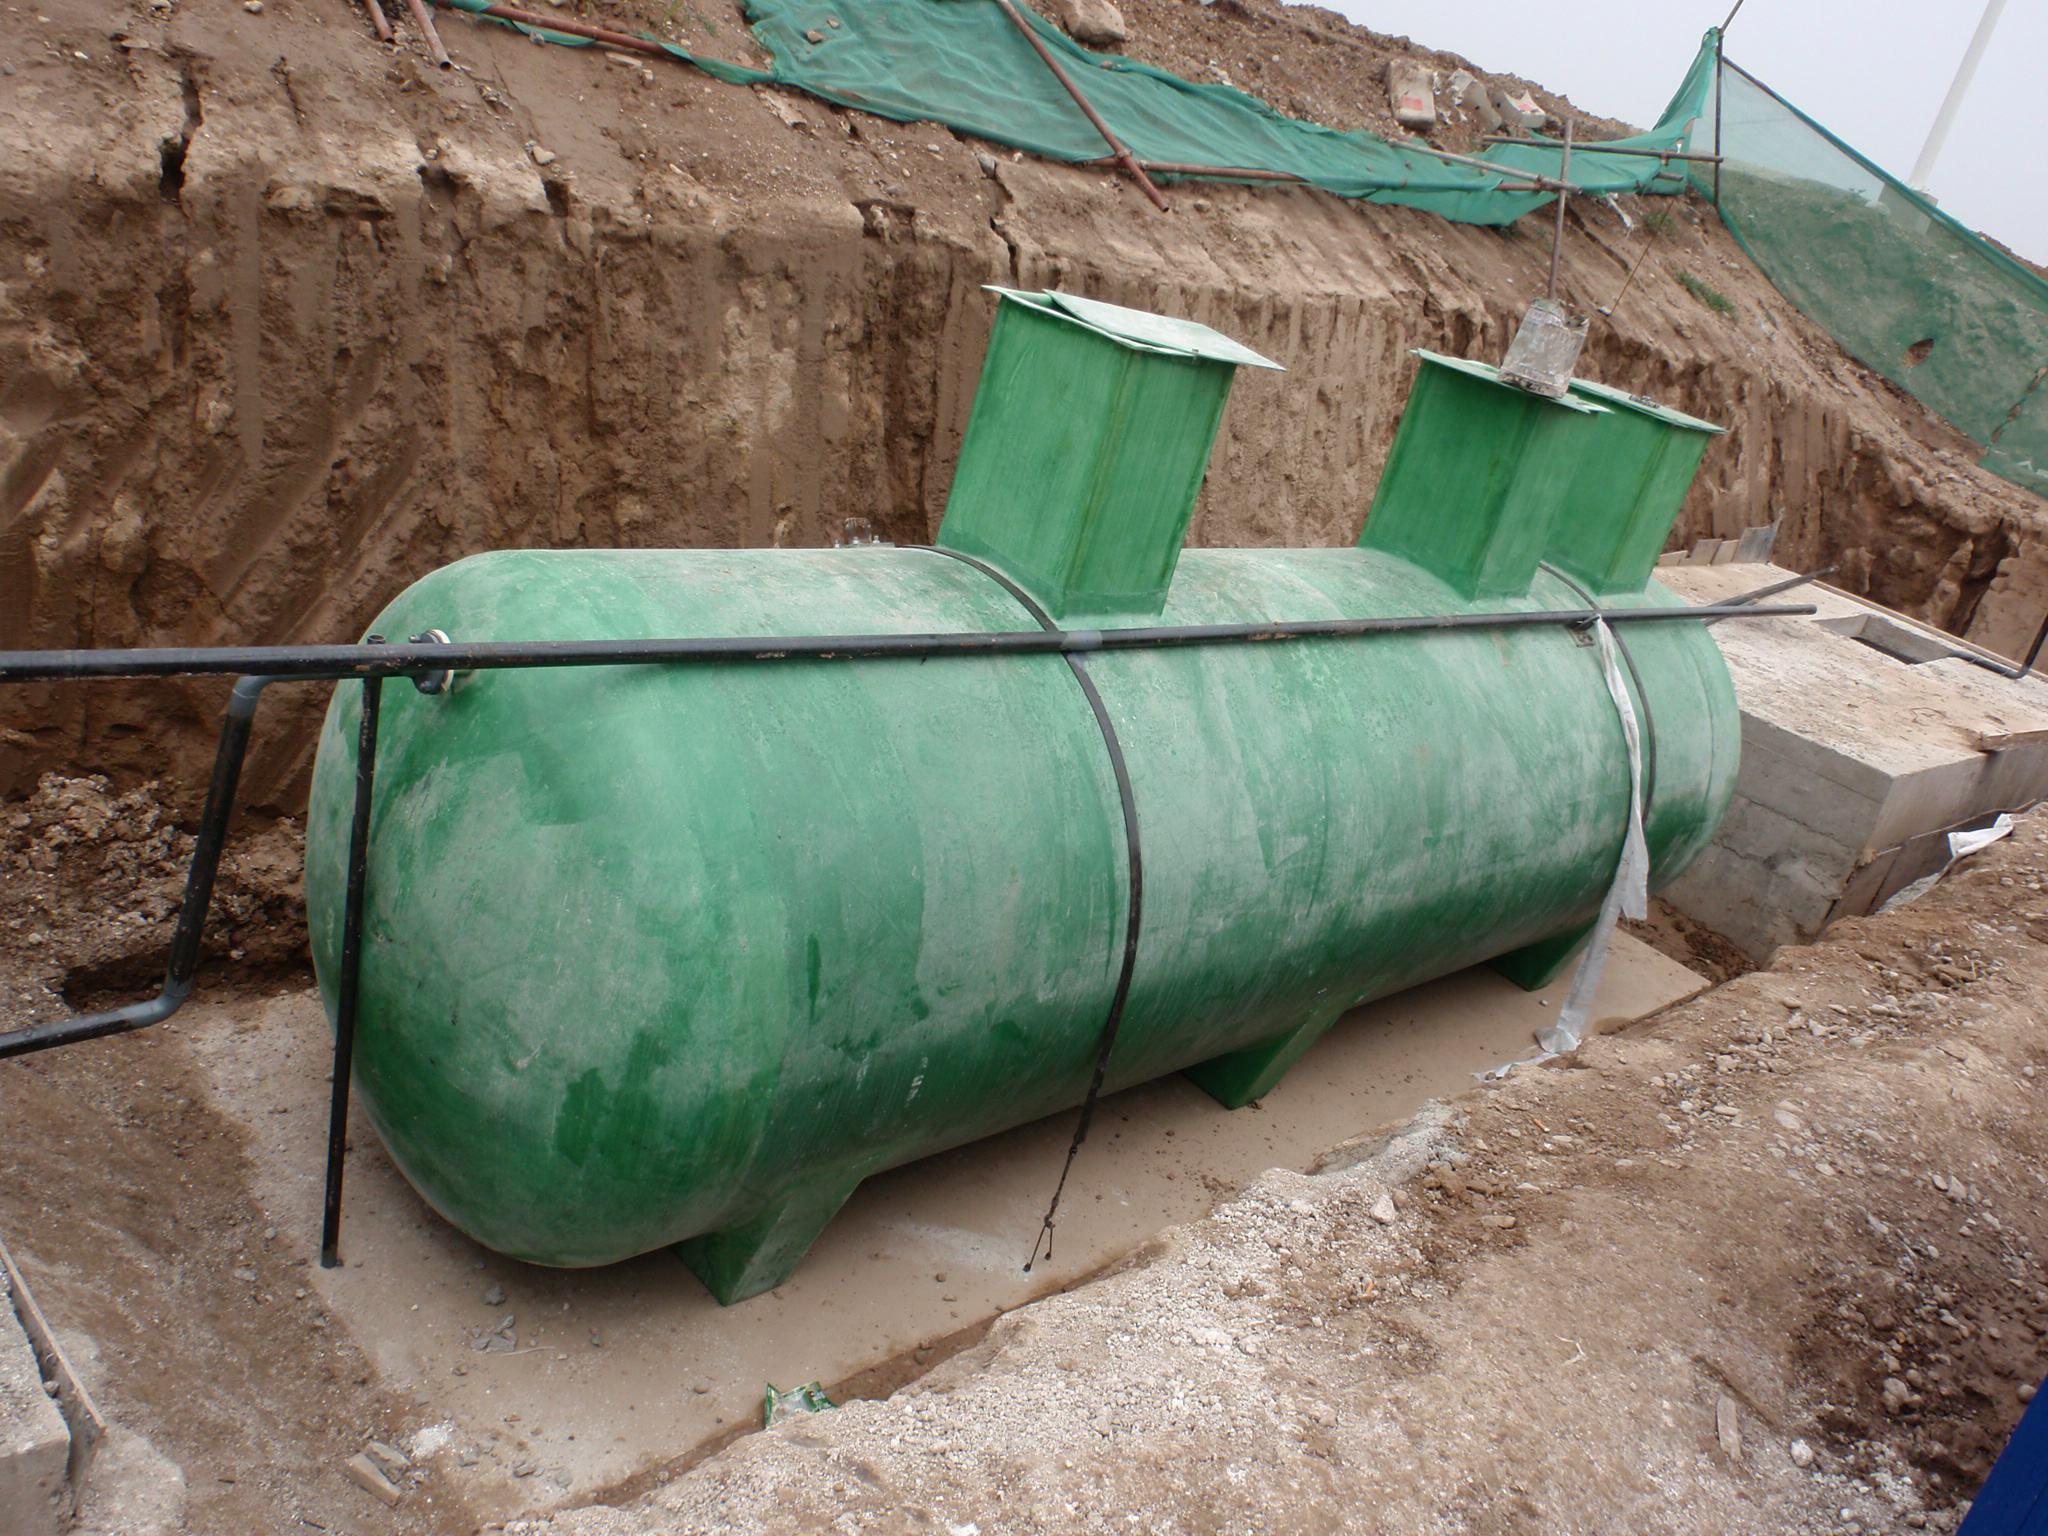 泉州玻璃钢化粪池如何处理生活污水与代谢废物